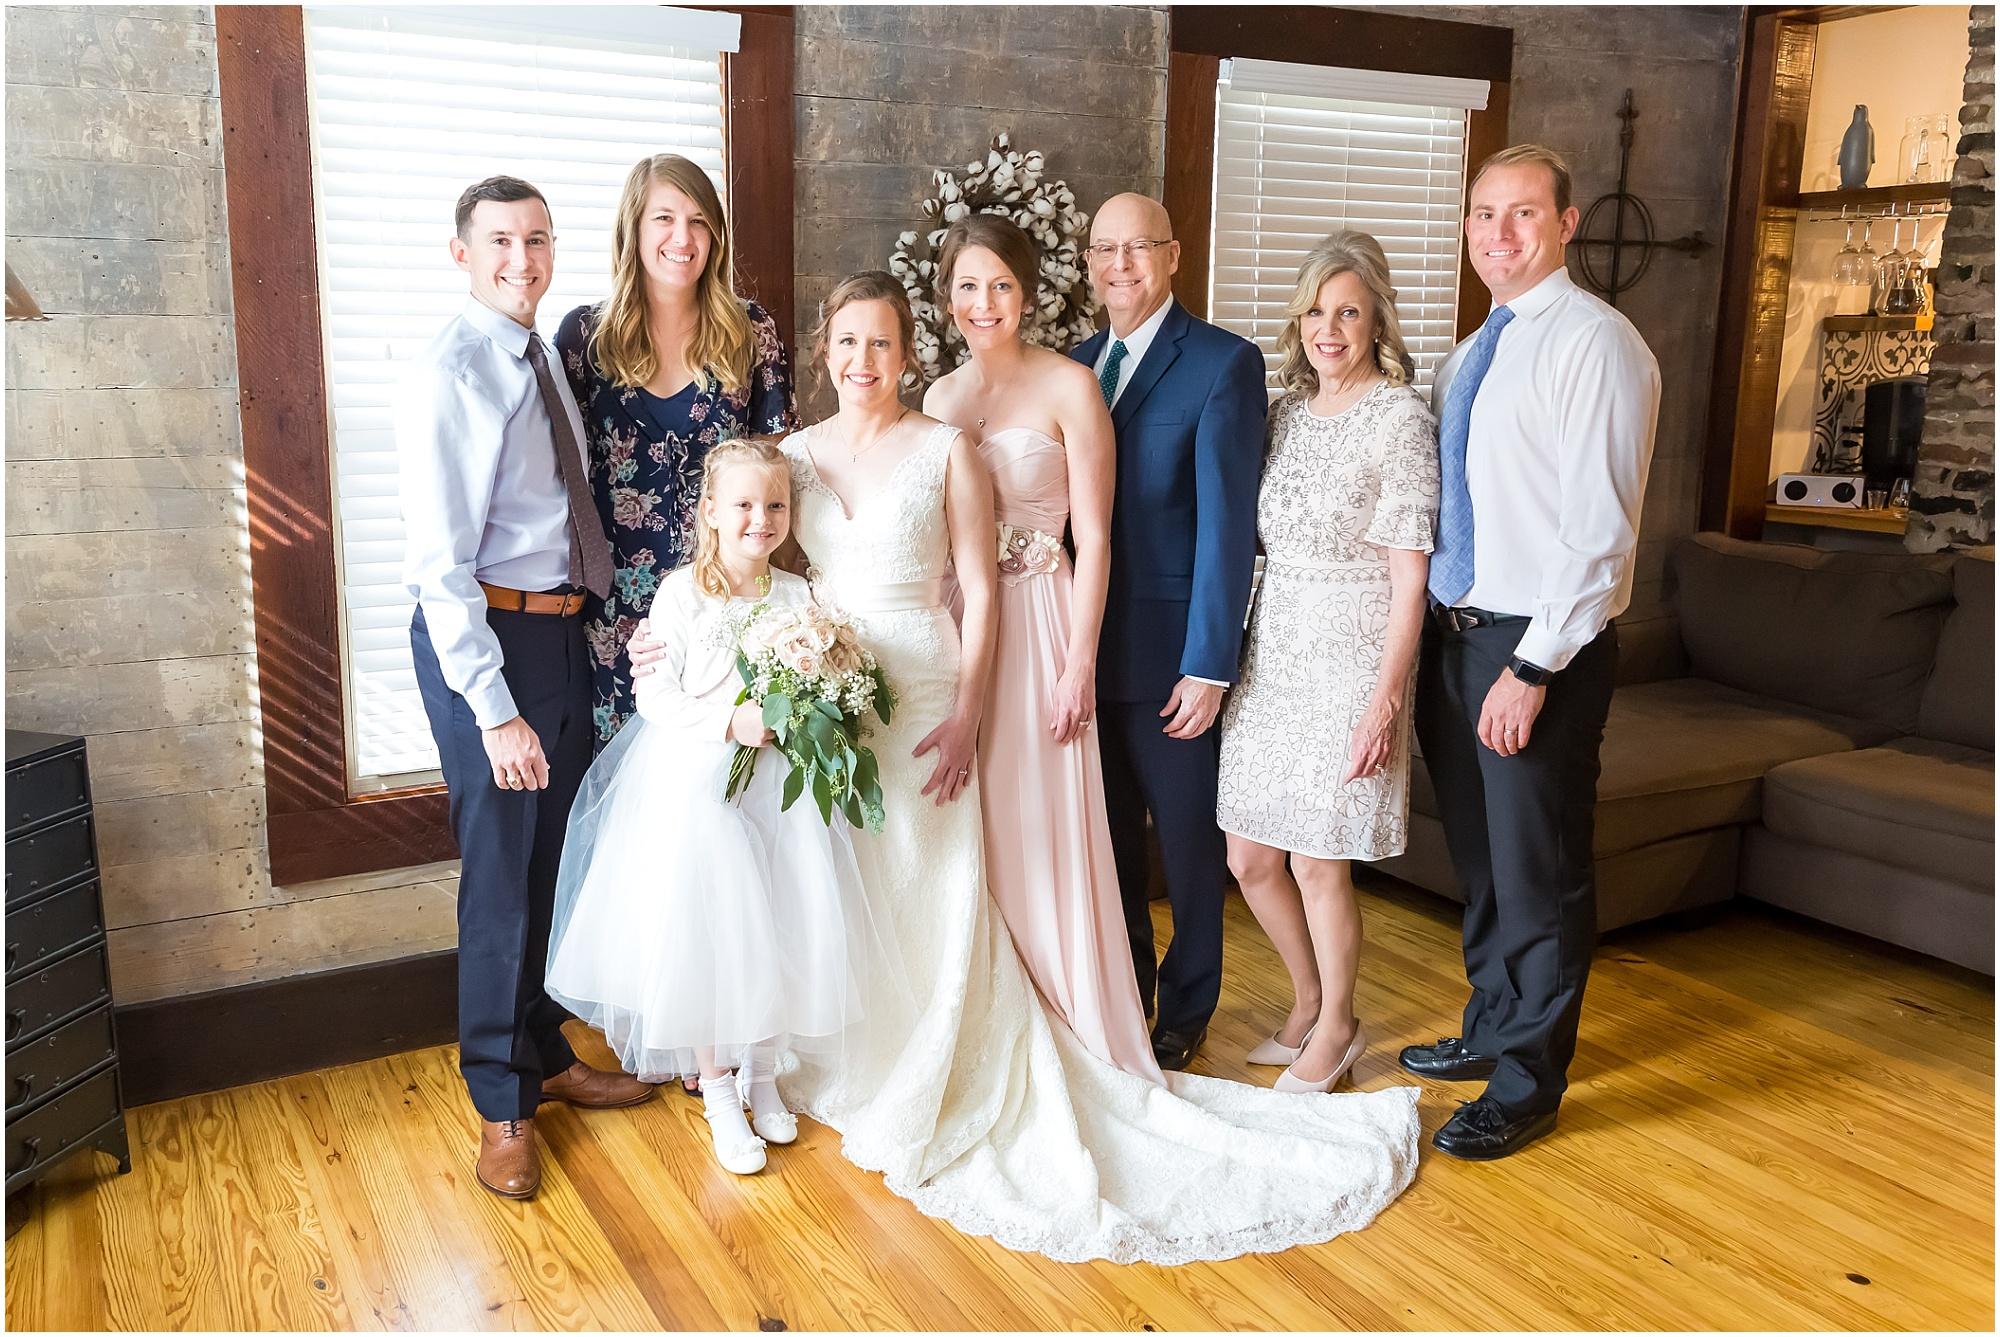 Bride's family before the ceremony at The Chapel at Meyer Center in Waco, Texas - Jason & Melaina Photography - www.jasonandmelaina.com